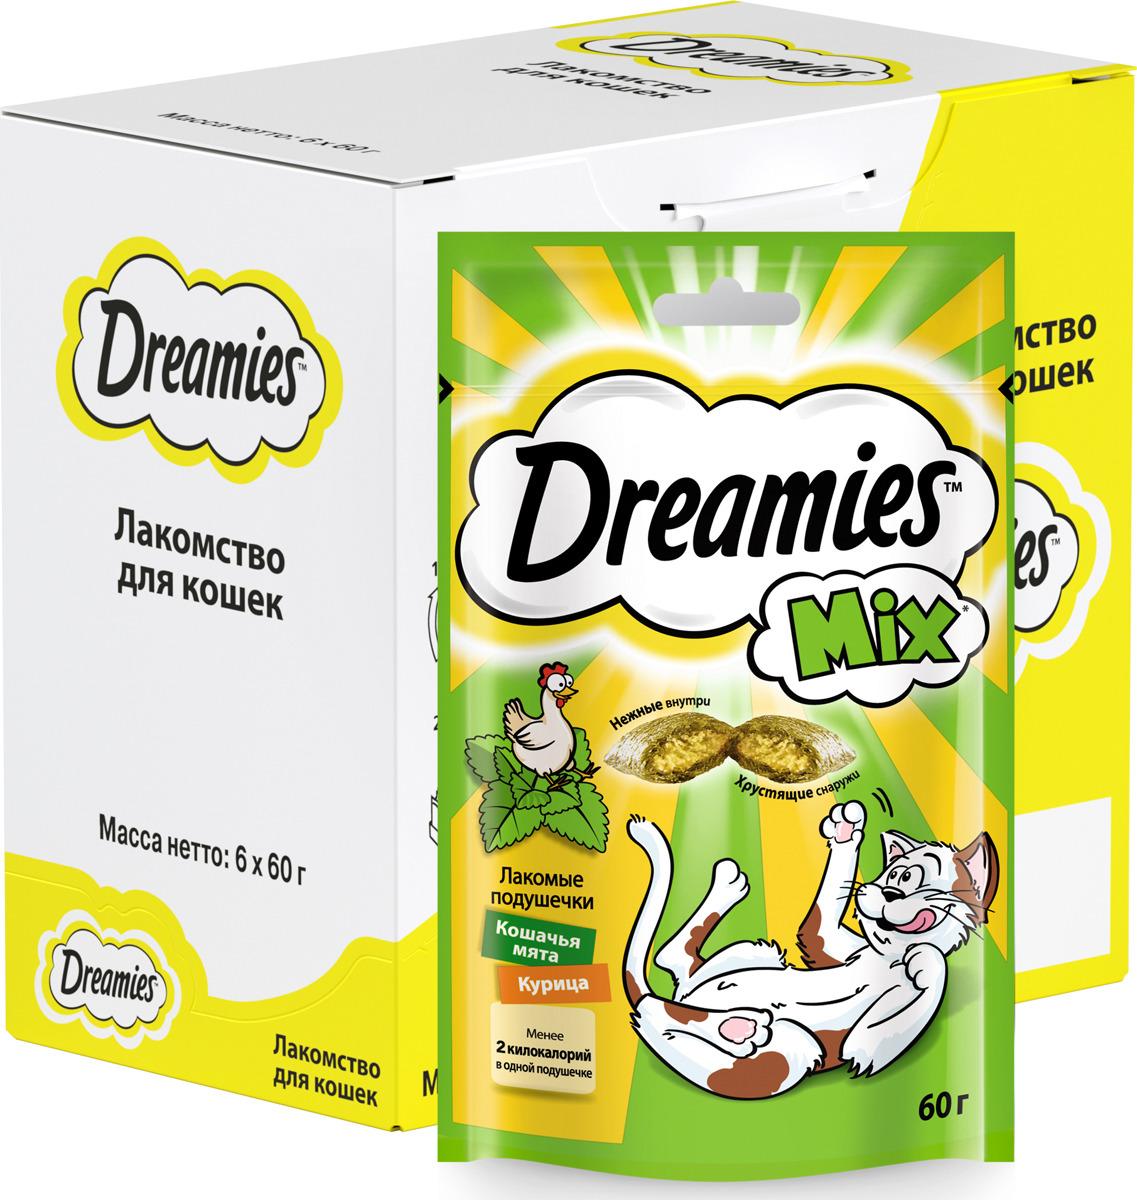 Лакомство Dreamies, для взрослых кошек, подушечки микс с курицей и мятой, 60 г лакомство для взрослых кошек dreamies подушечки с курицей 140 г